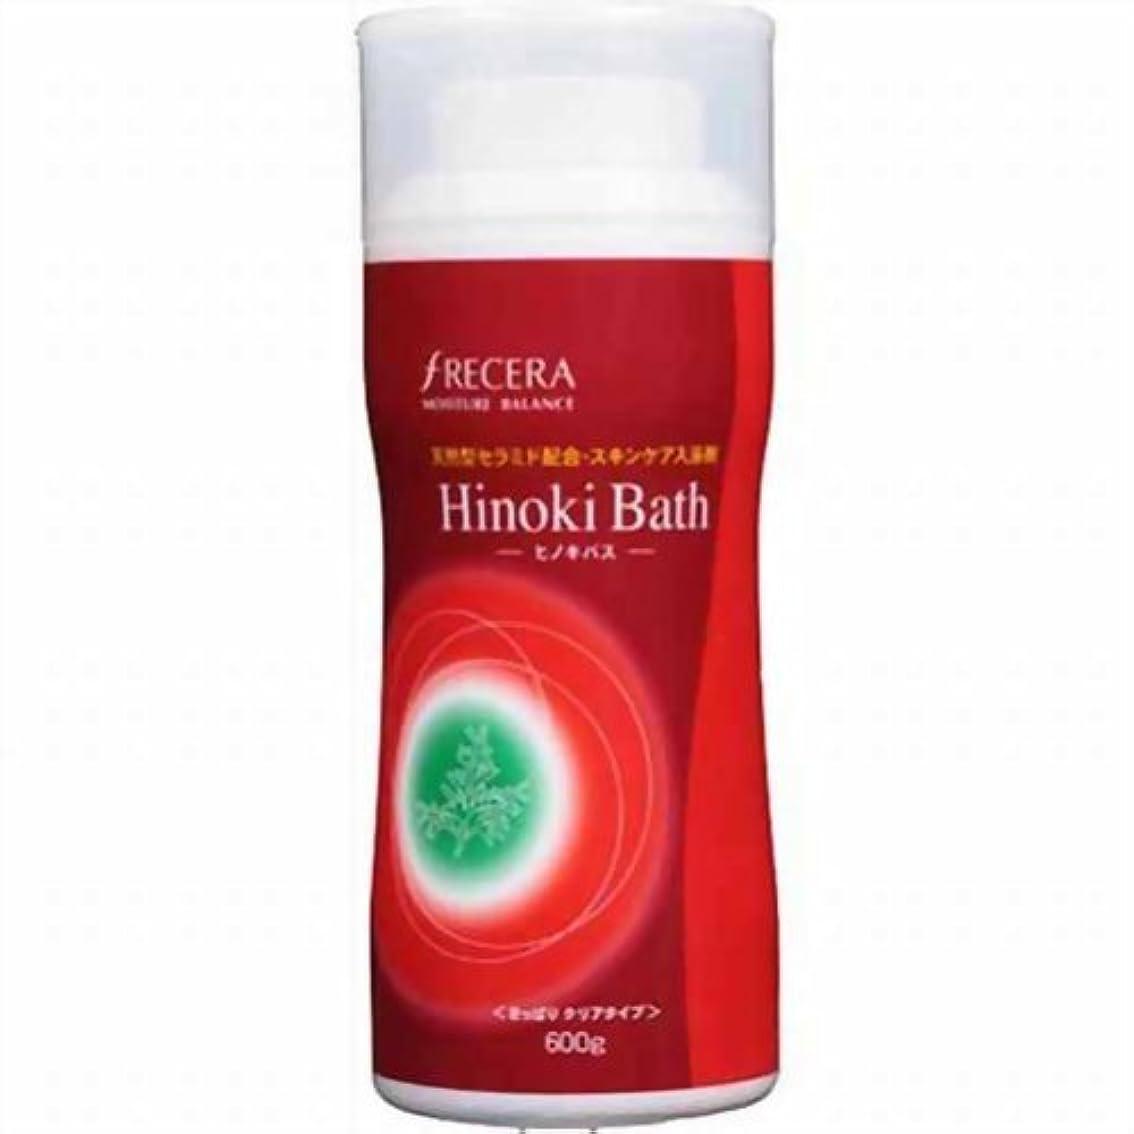 配列無臭移民フレッセラ セラミド入浴剤 ヒノキバス 600g